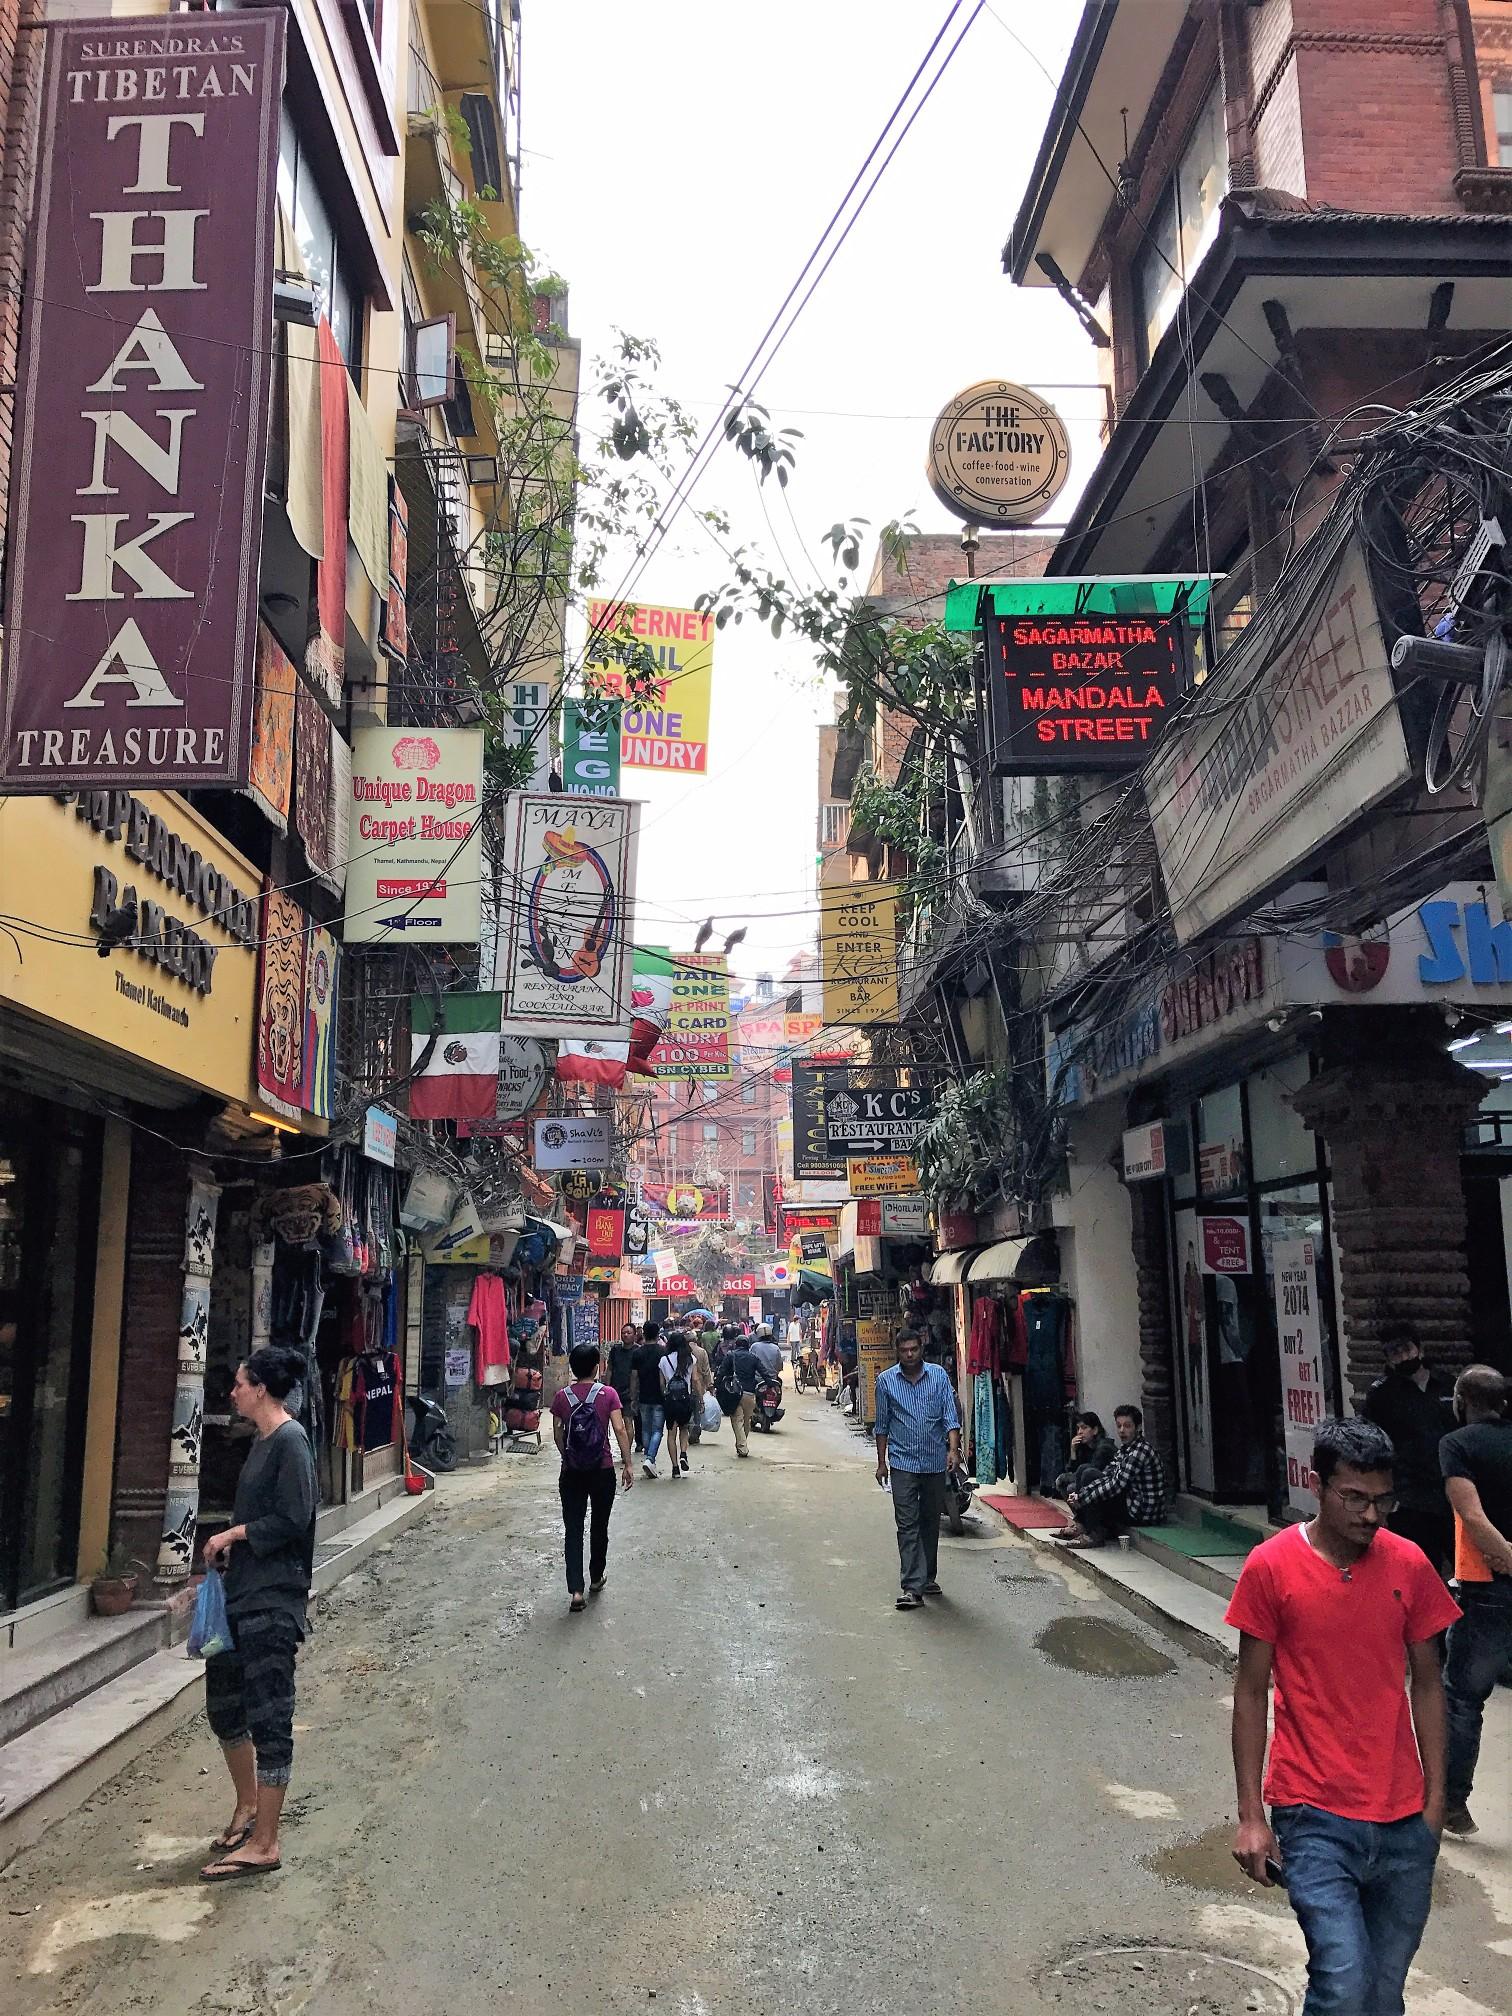 Streets of Thamel, Kathmandu